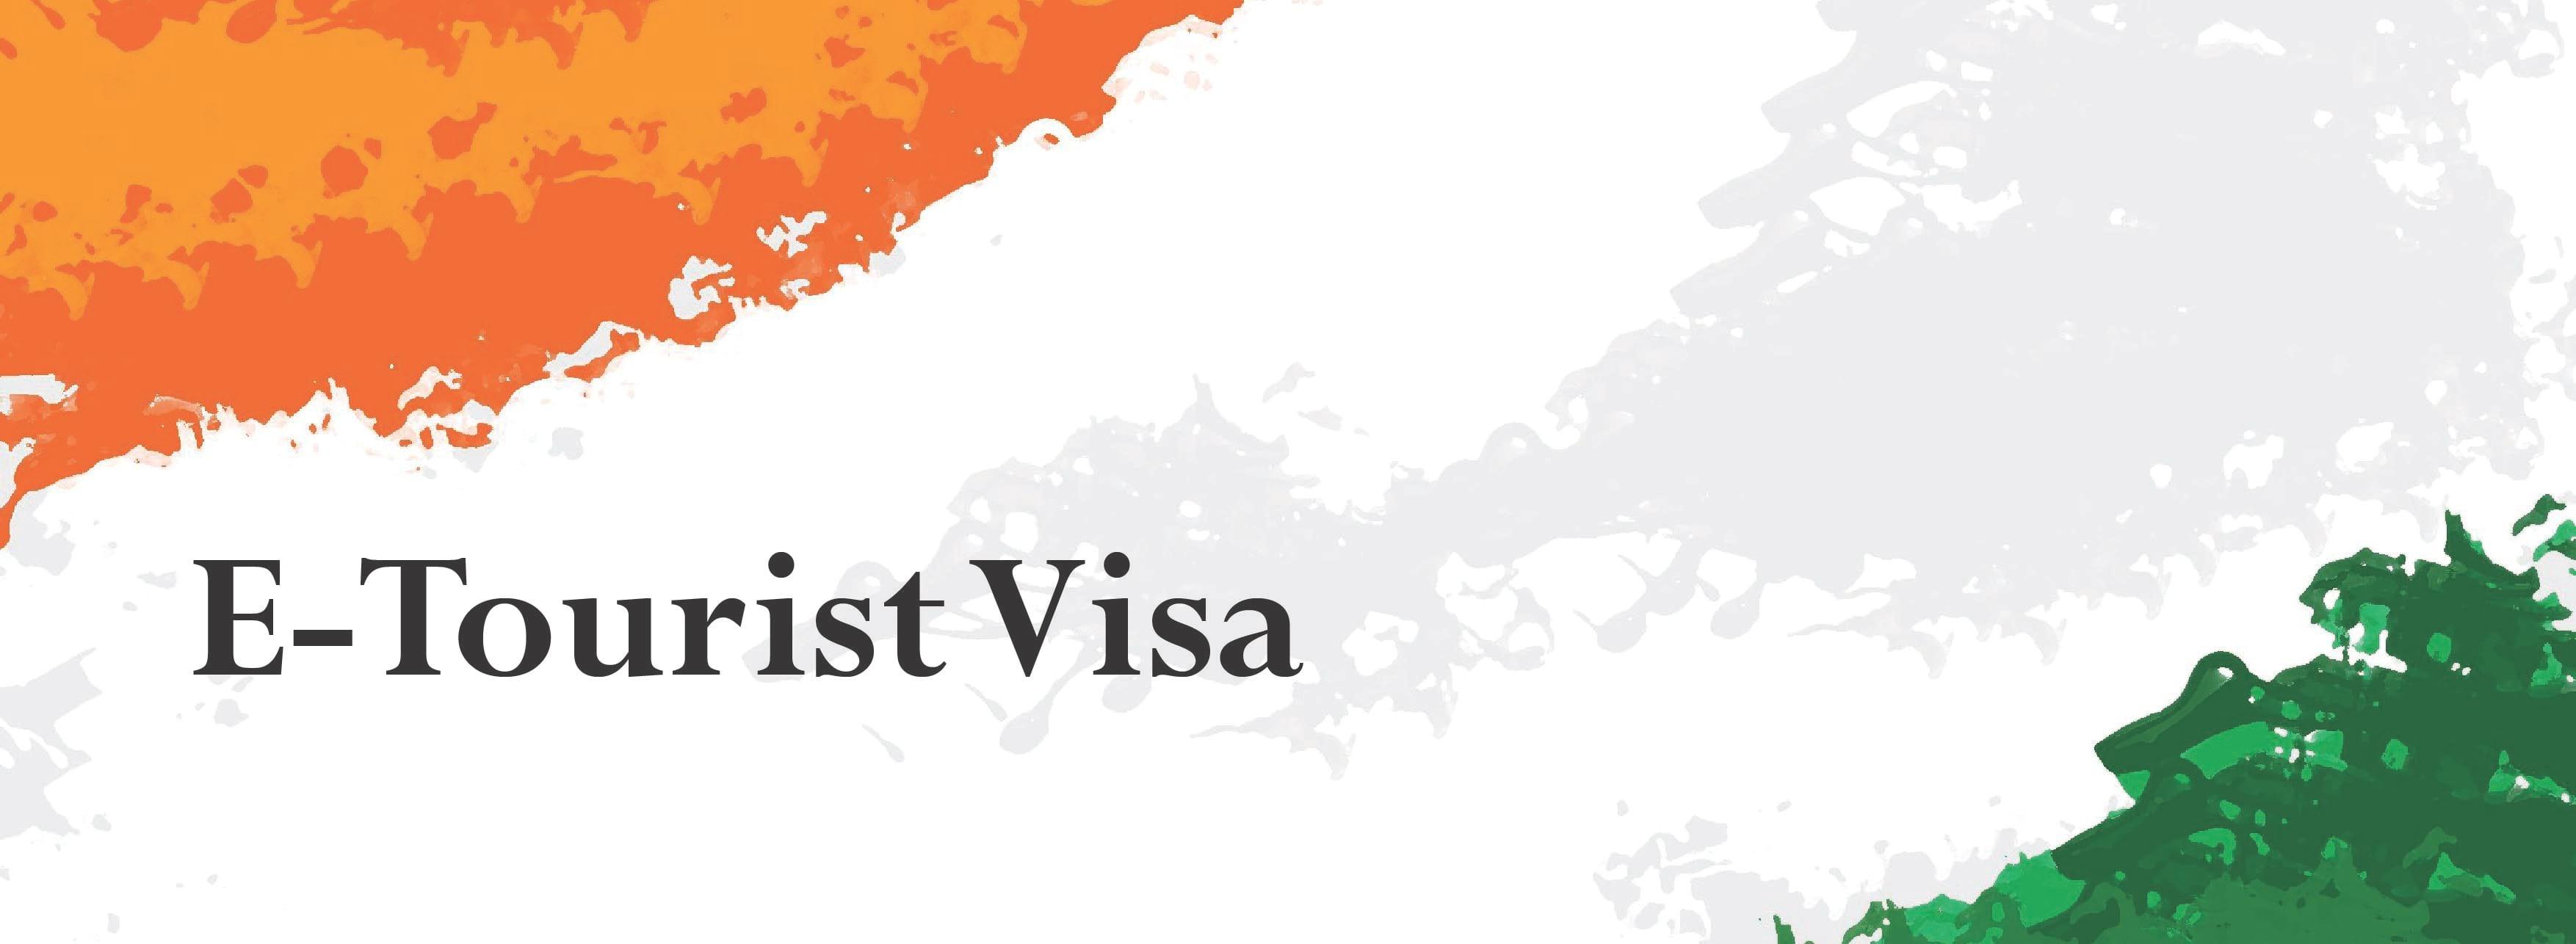 e-TouristVisa